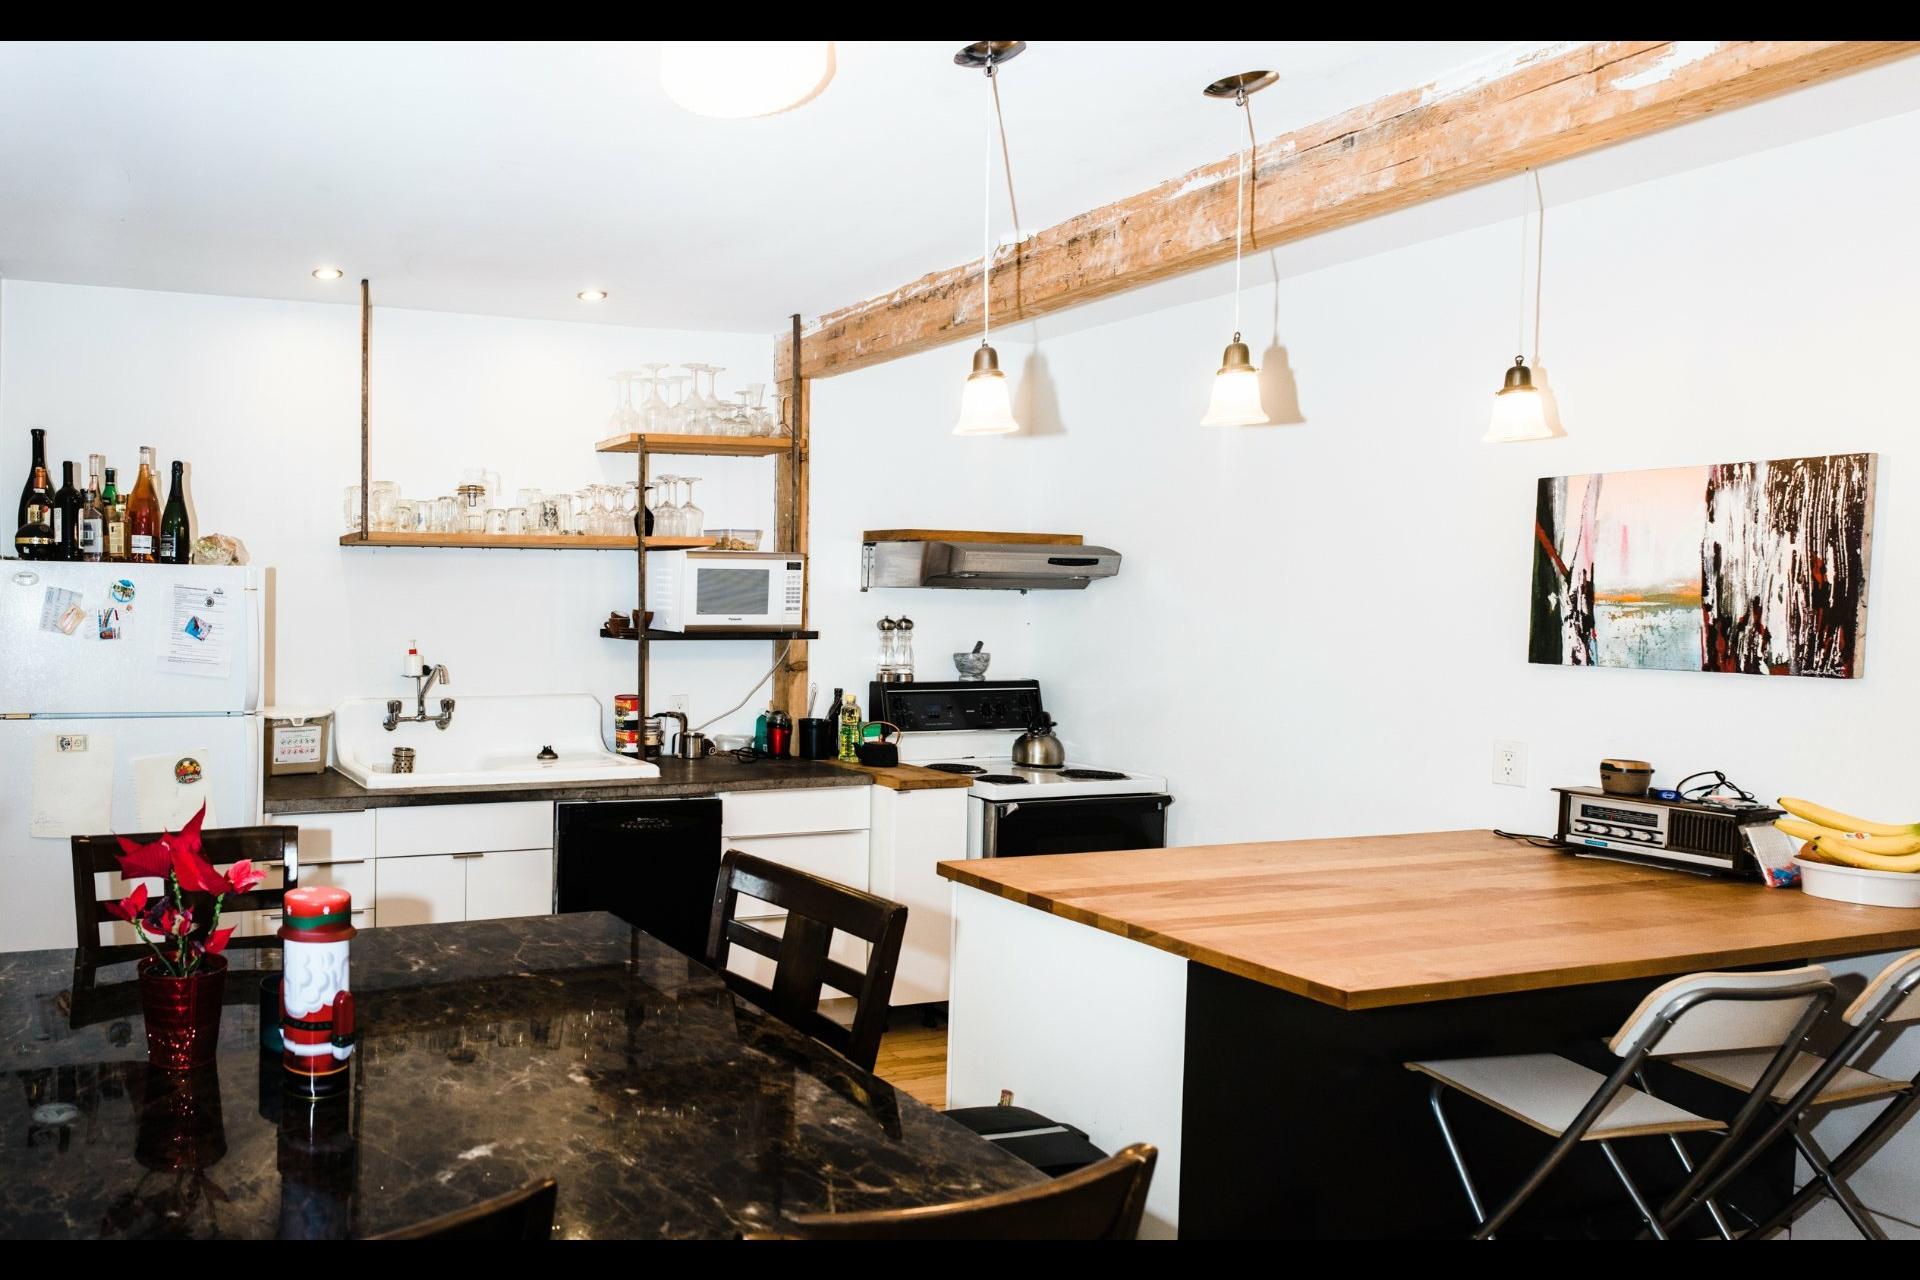 image 9 - Duplex À vendre Villeray/Saint-Michel/Parc-Extension Montréal  - 4 pièces